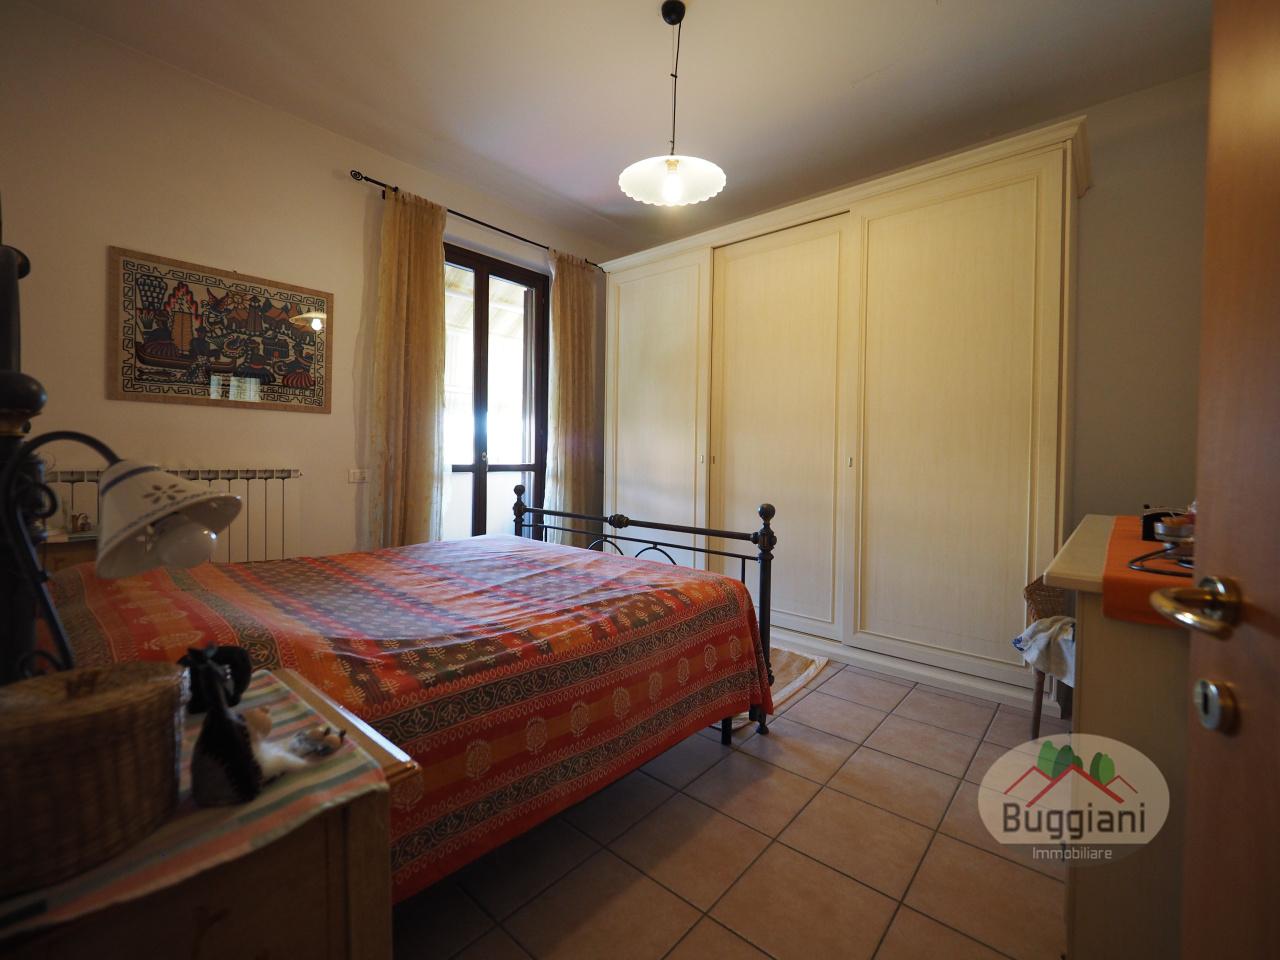 Appartamento in vendita RIF. 1819, Empoli (FI)